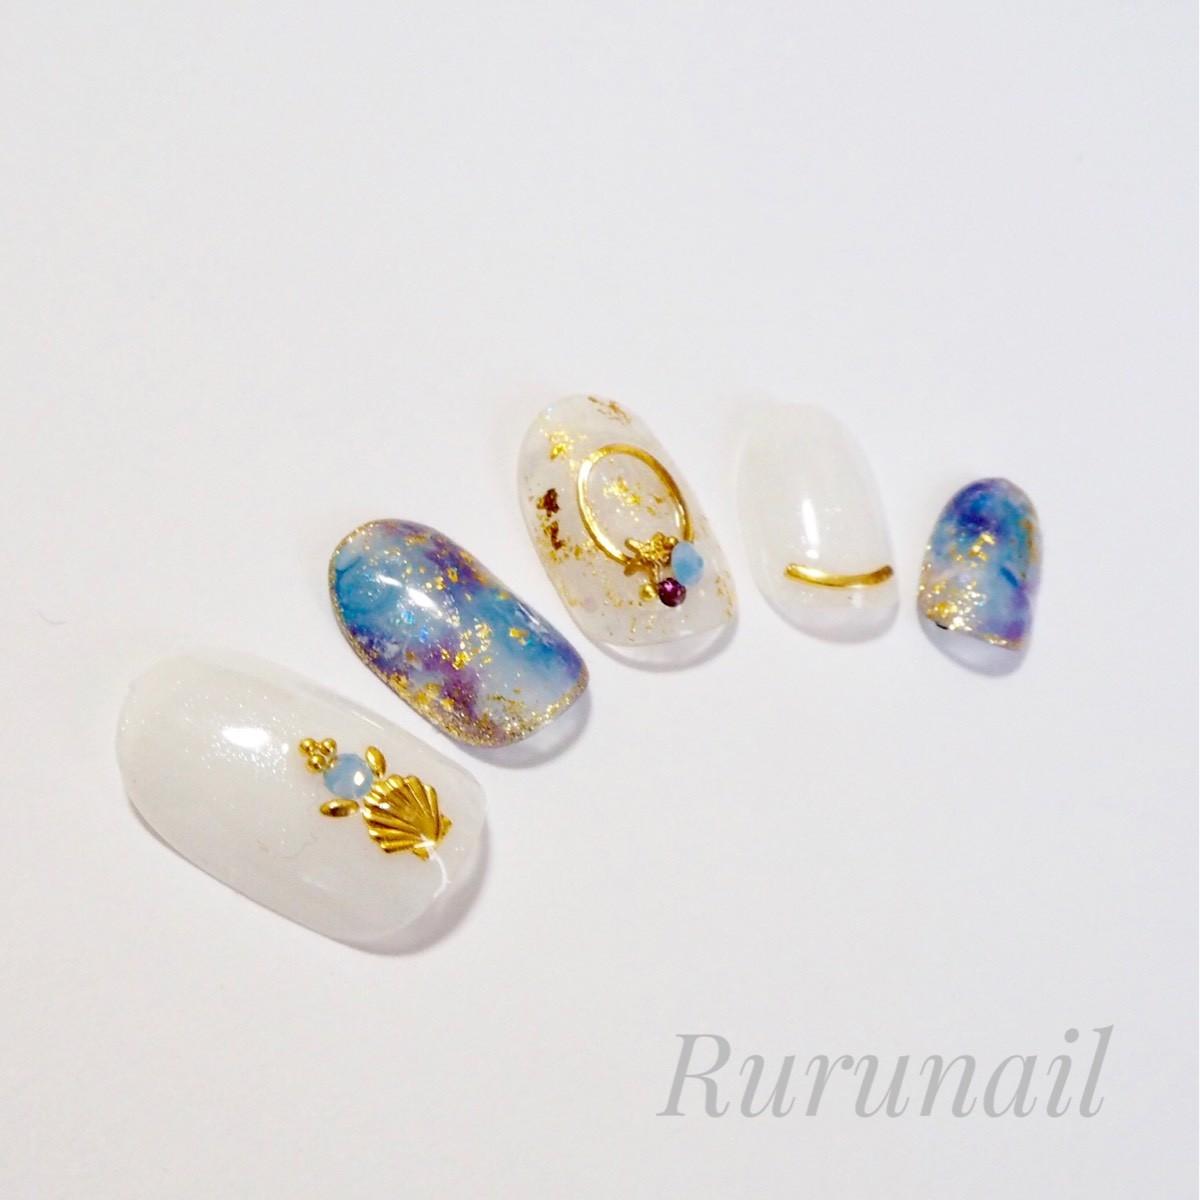 画像2: おしゃれニュアンス天然石の夏ネイルチップ(054